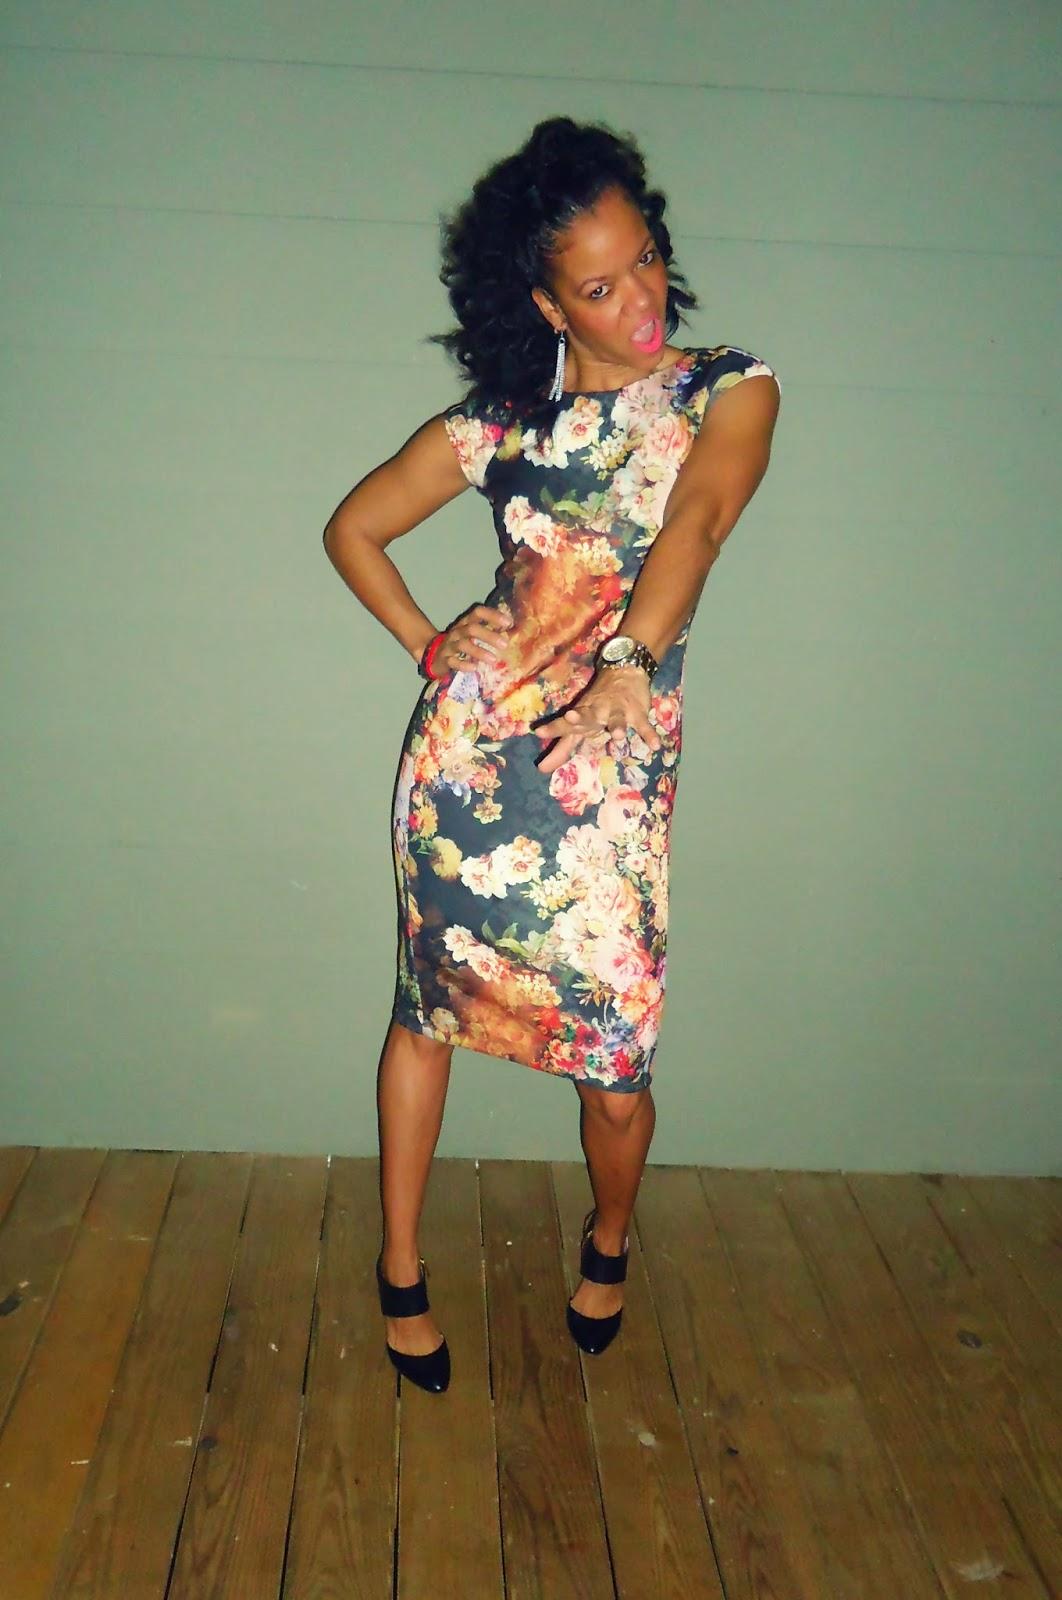 Floral Dress; Vince Camuto Heels